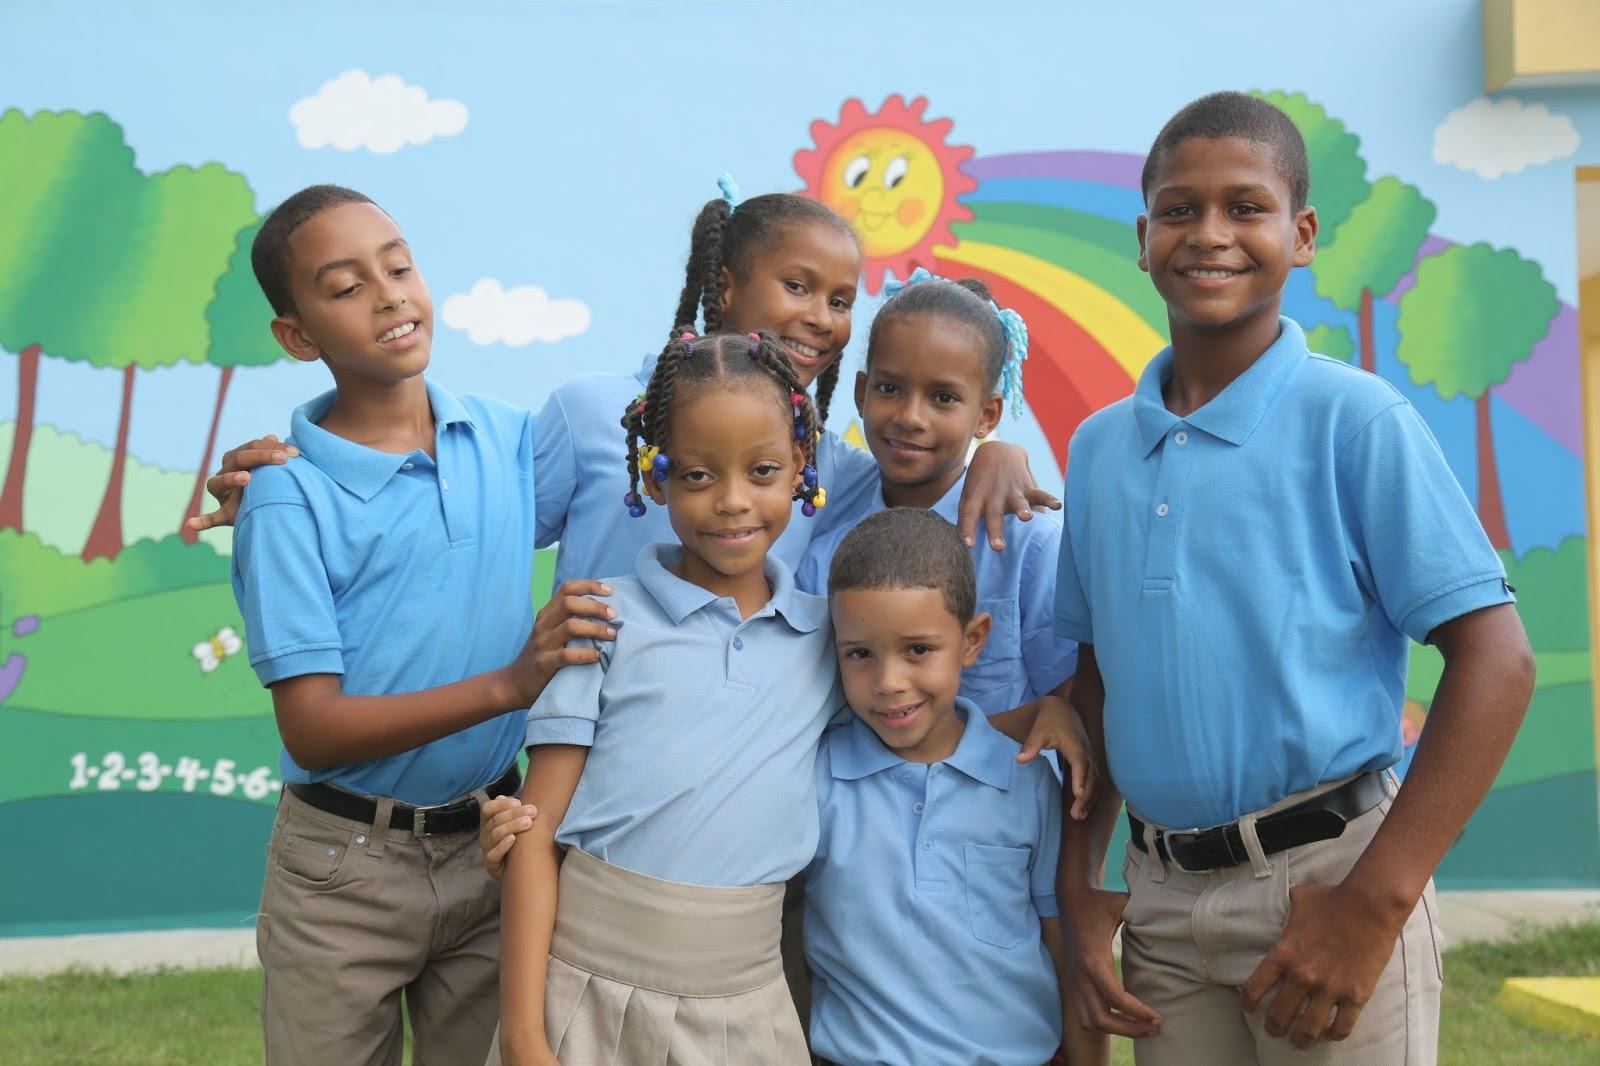 """Betsaida: """"Esta escuela cambió mis planes"""", afirma con alegría"""